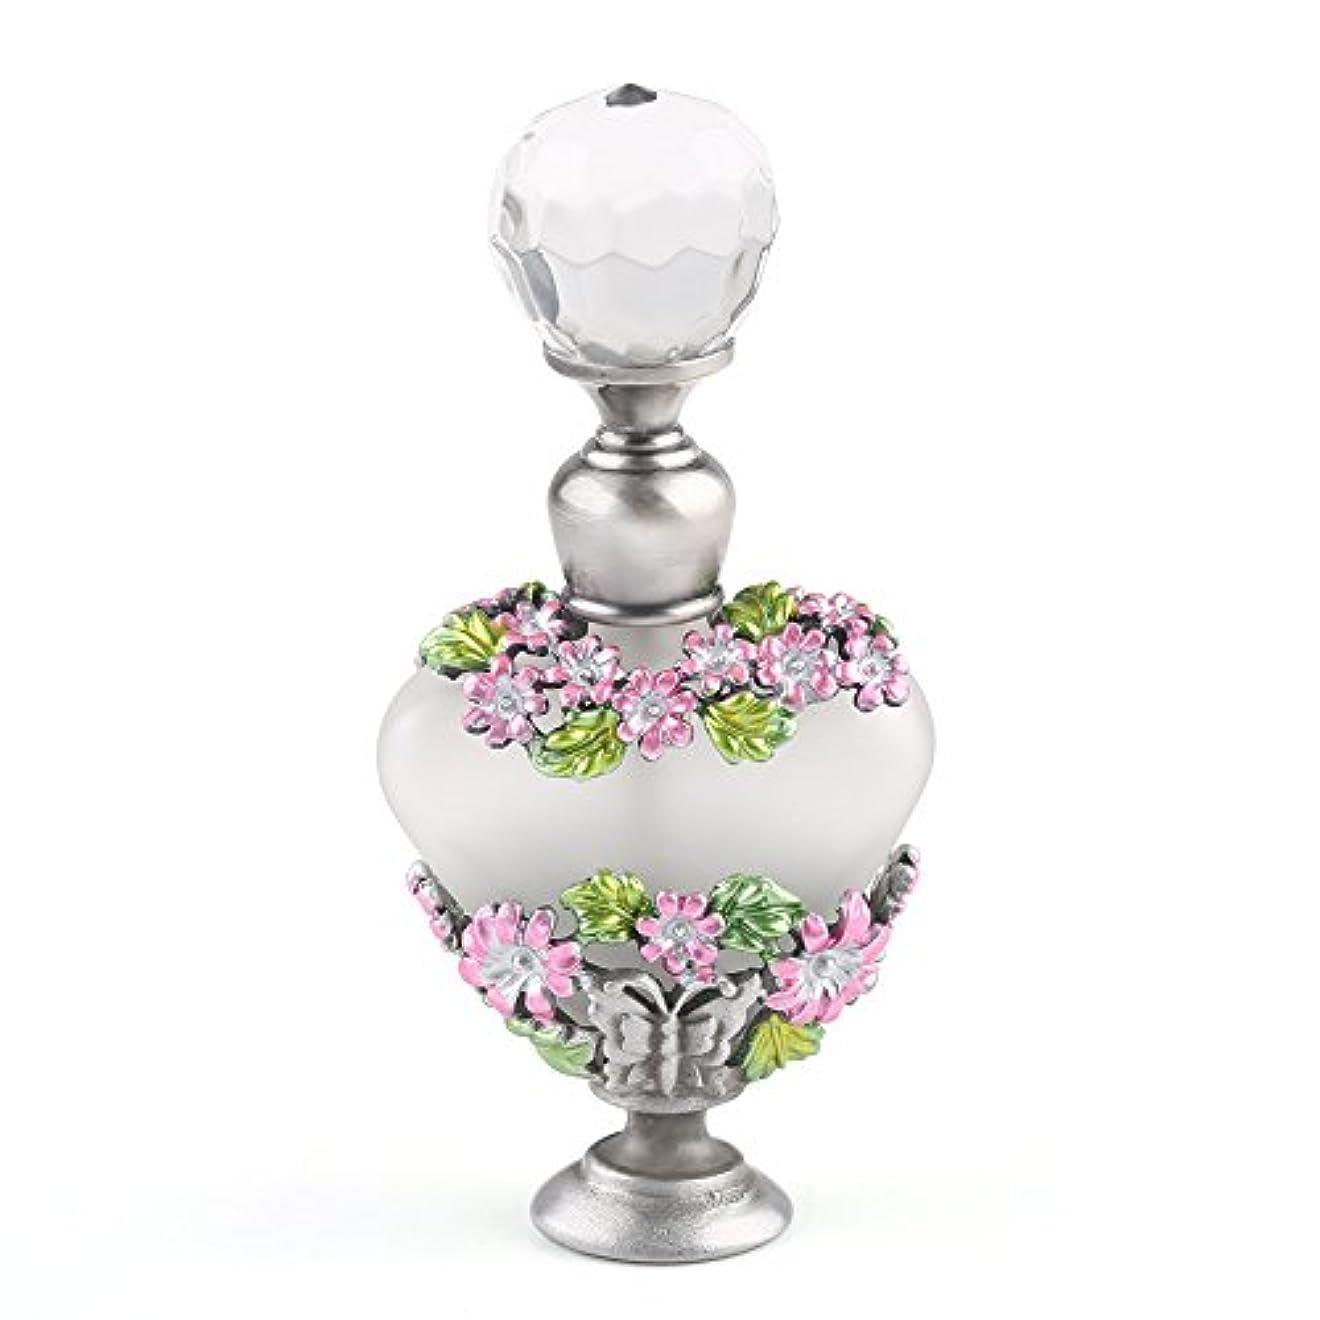 トピック好ましい酸VERY100 高品質 美しい香水瓶/アロマボトル 5ML アロマオイル用瓶 綺麗アンティーク調 フラワーデザイン プレゼント 結婚式 飾り 58778